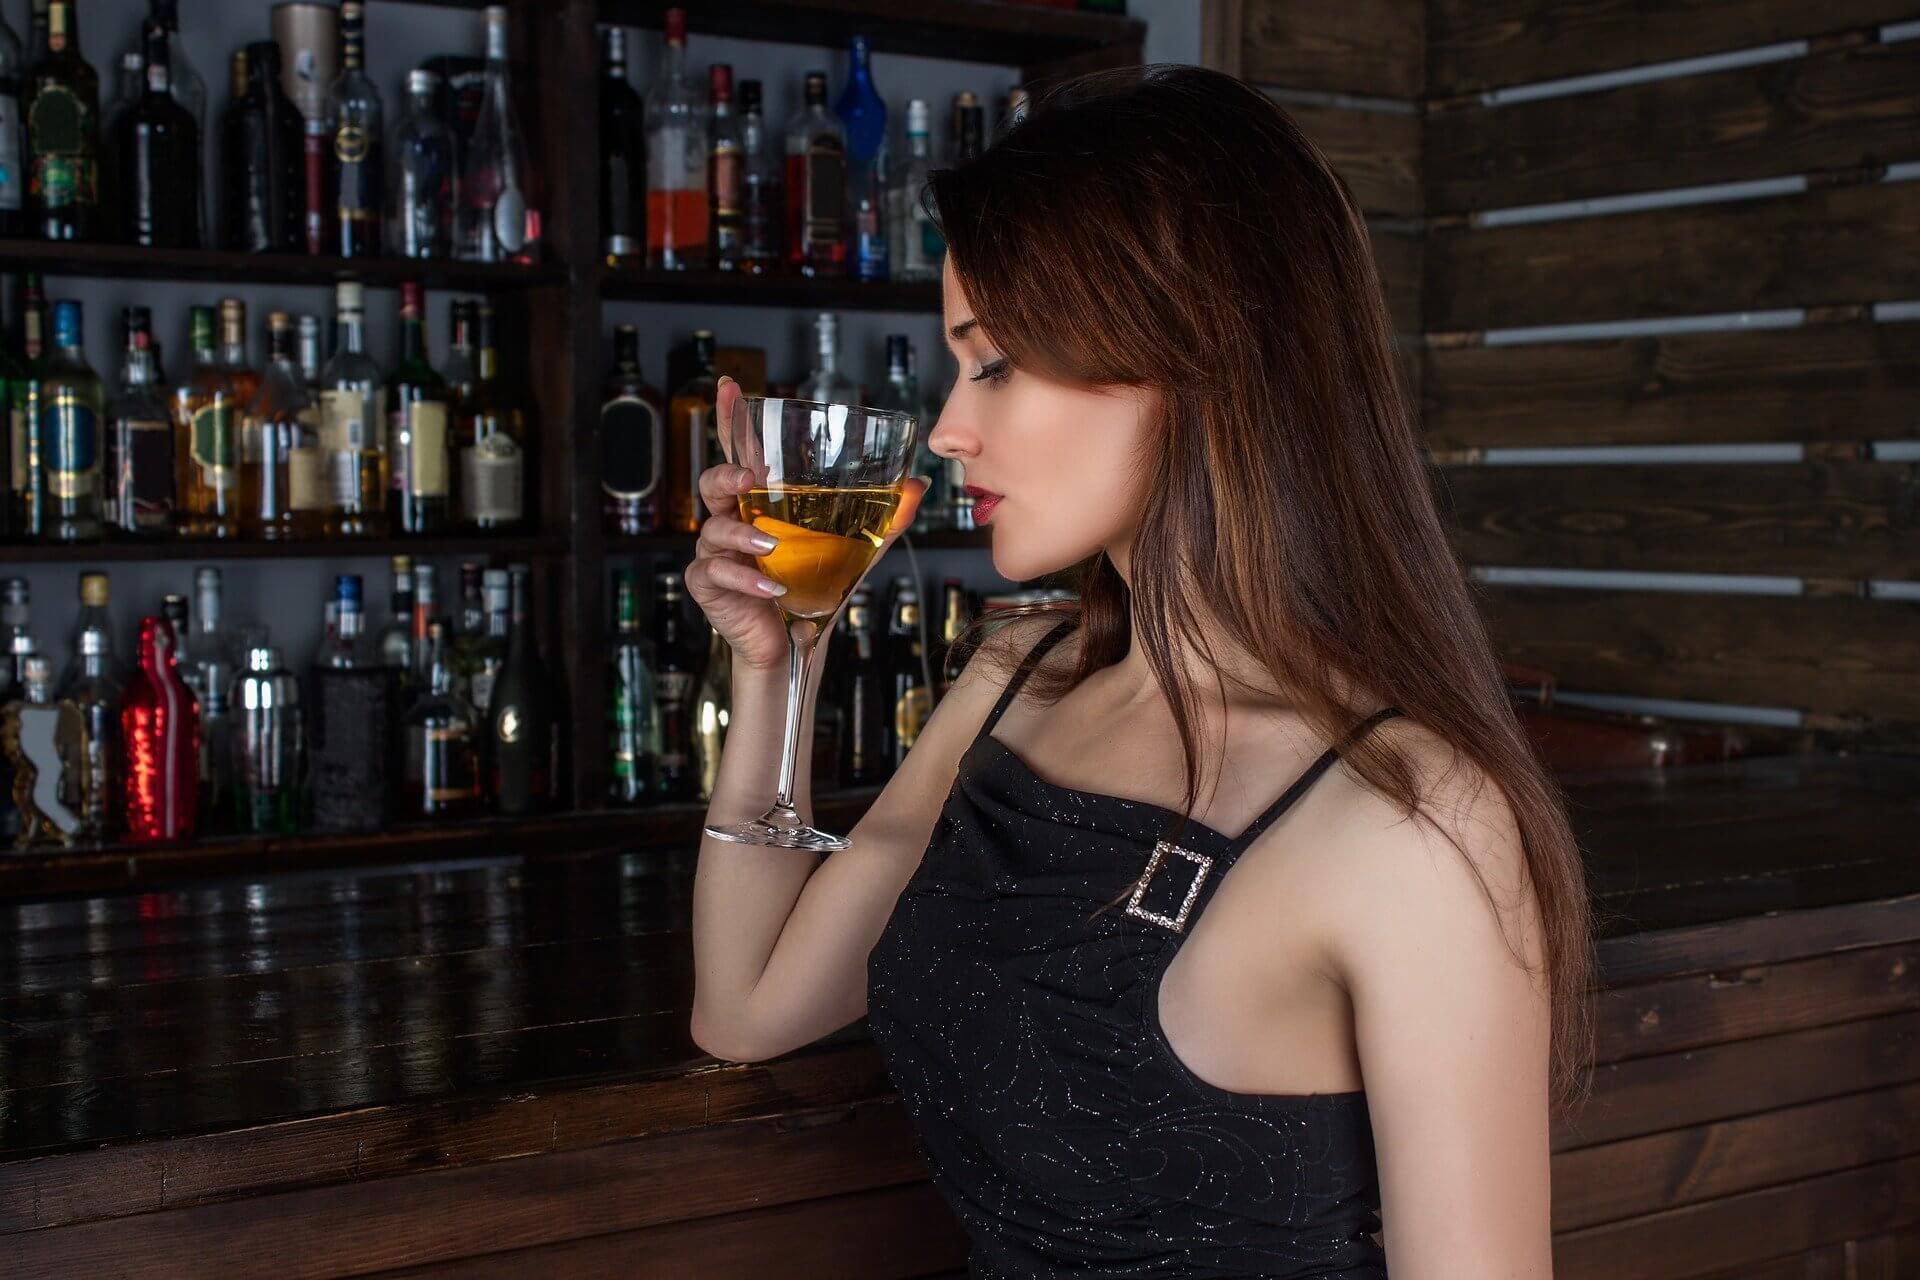 ワインの嗜み方のワインを嗜んでいる女性の画像